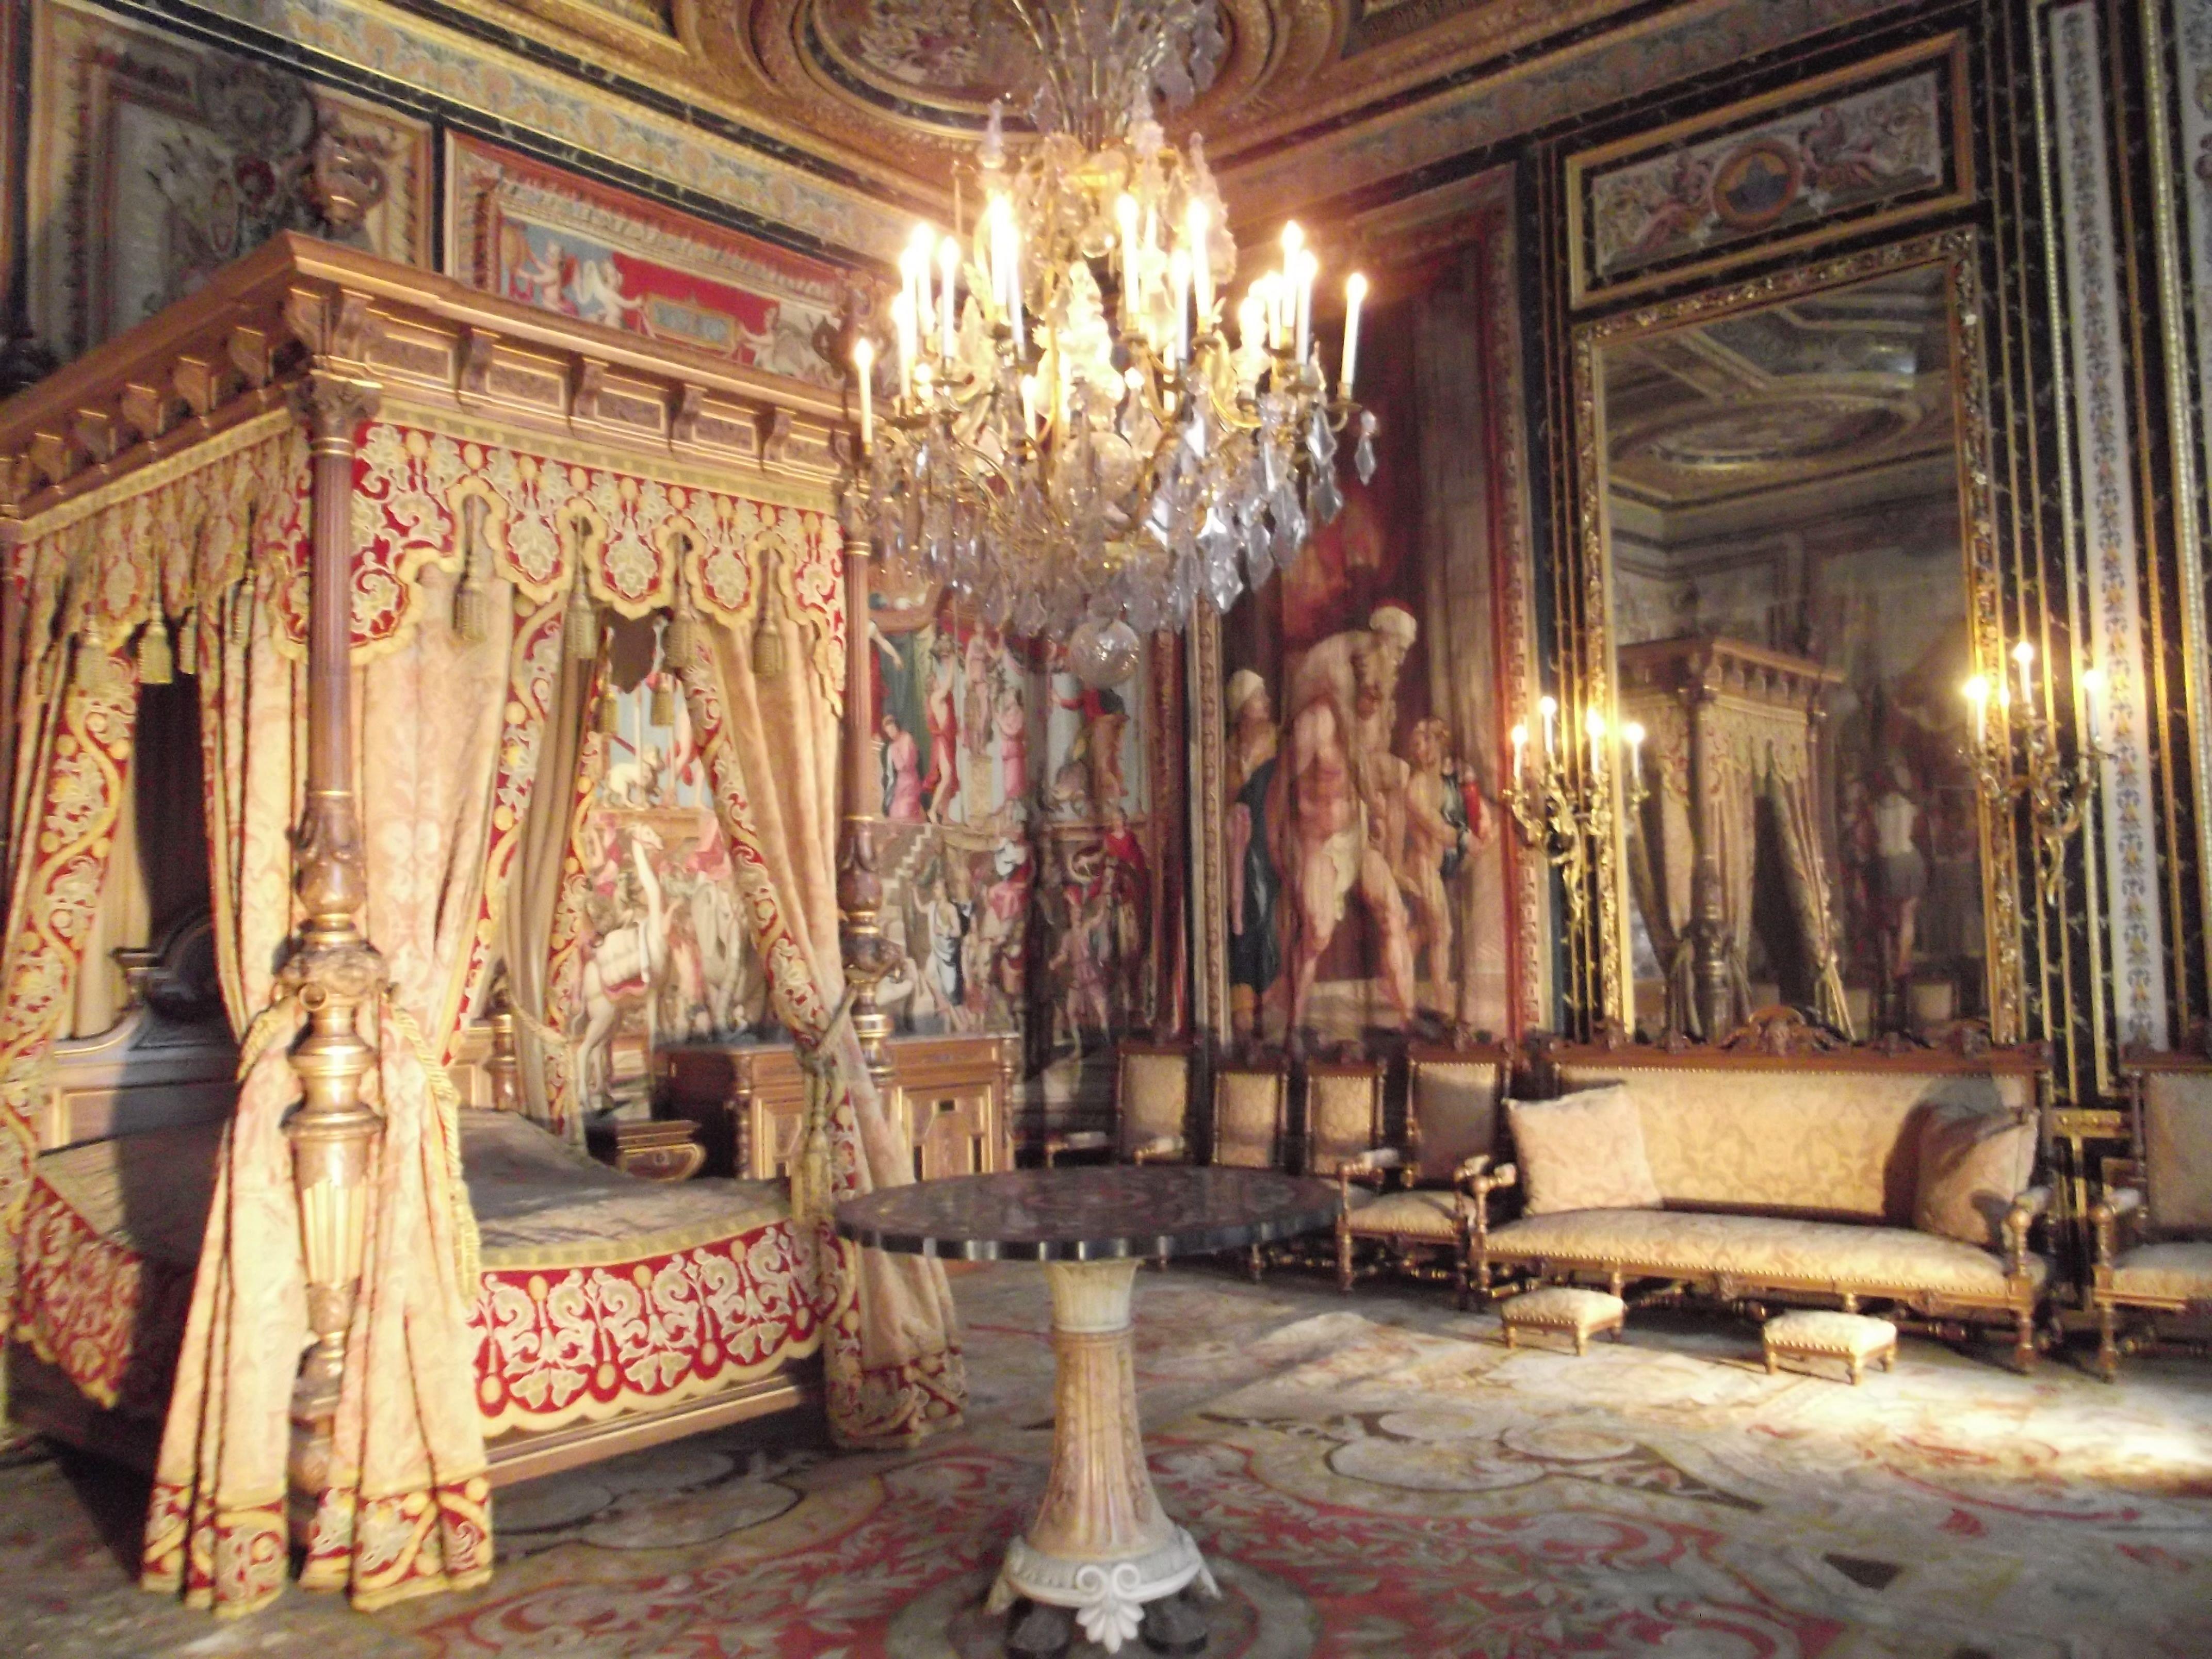 French Castle Old World Design oldworlddecor castles frenchdecor